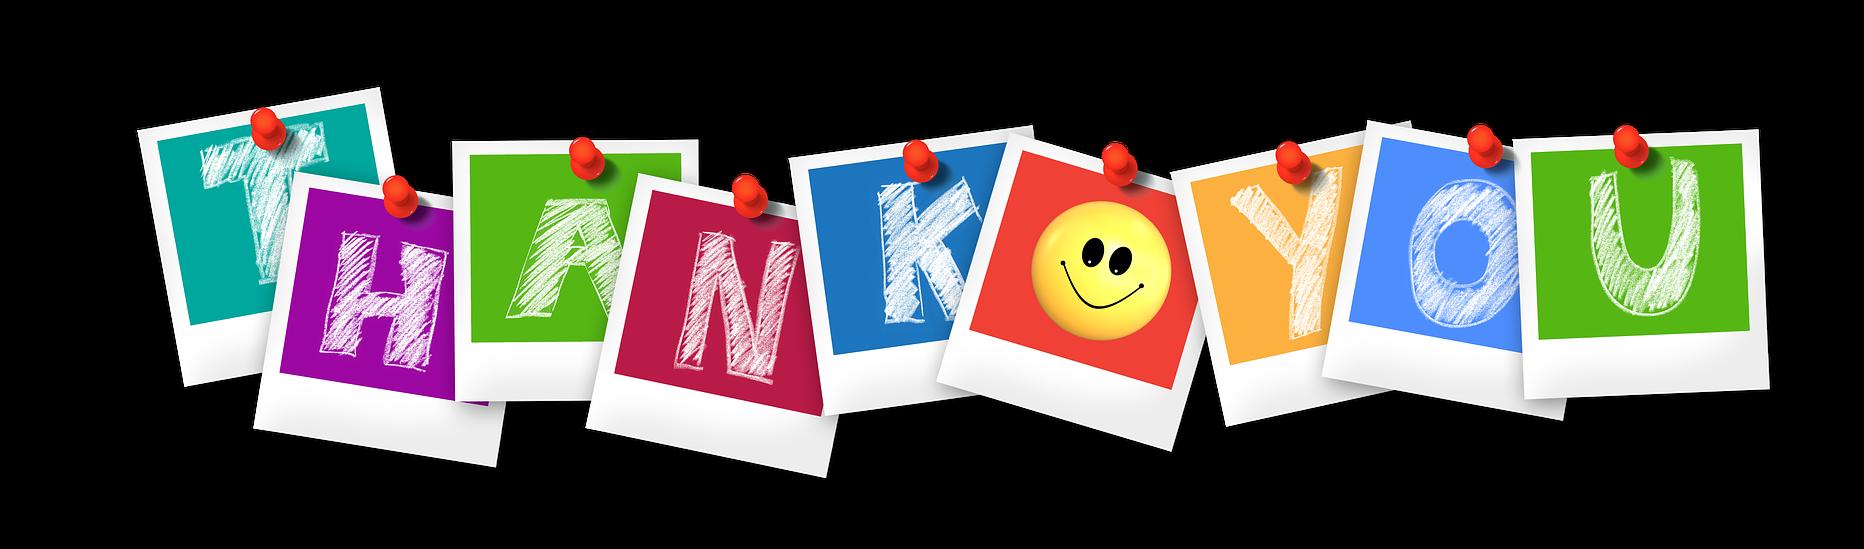 IG Knowhow Limited – dziękujemy za wsparcie